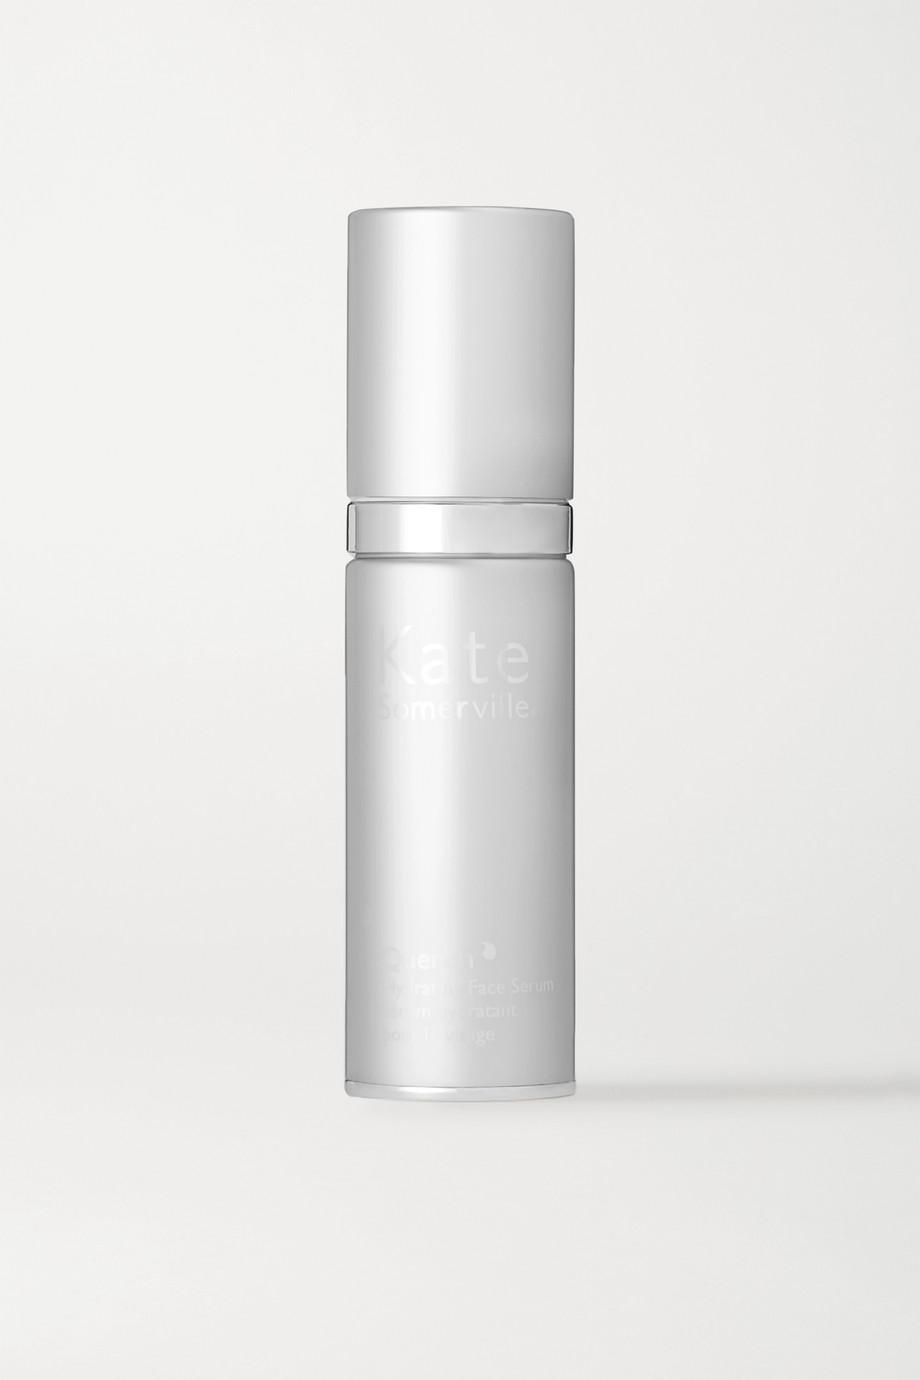 Kate Somerville Sérum hydratant pour le visage Quench, 30 ml